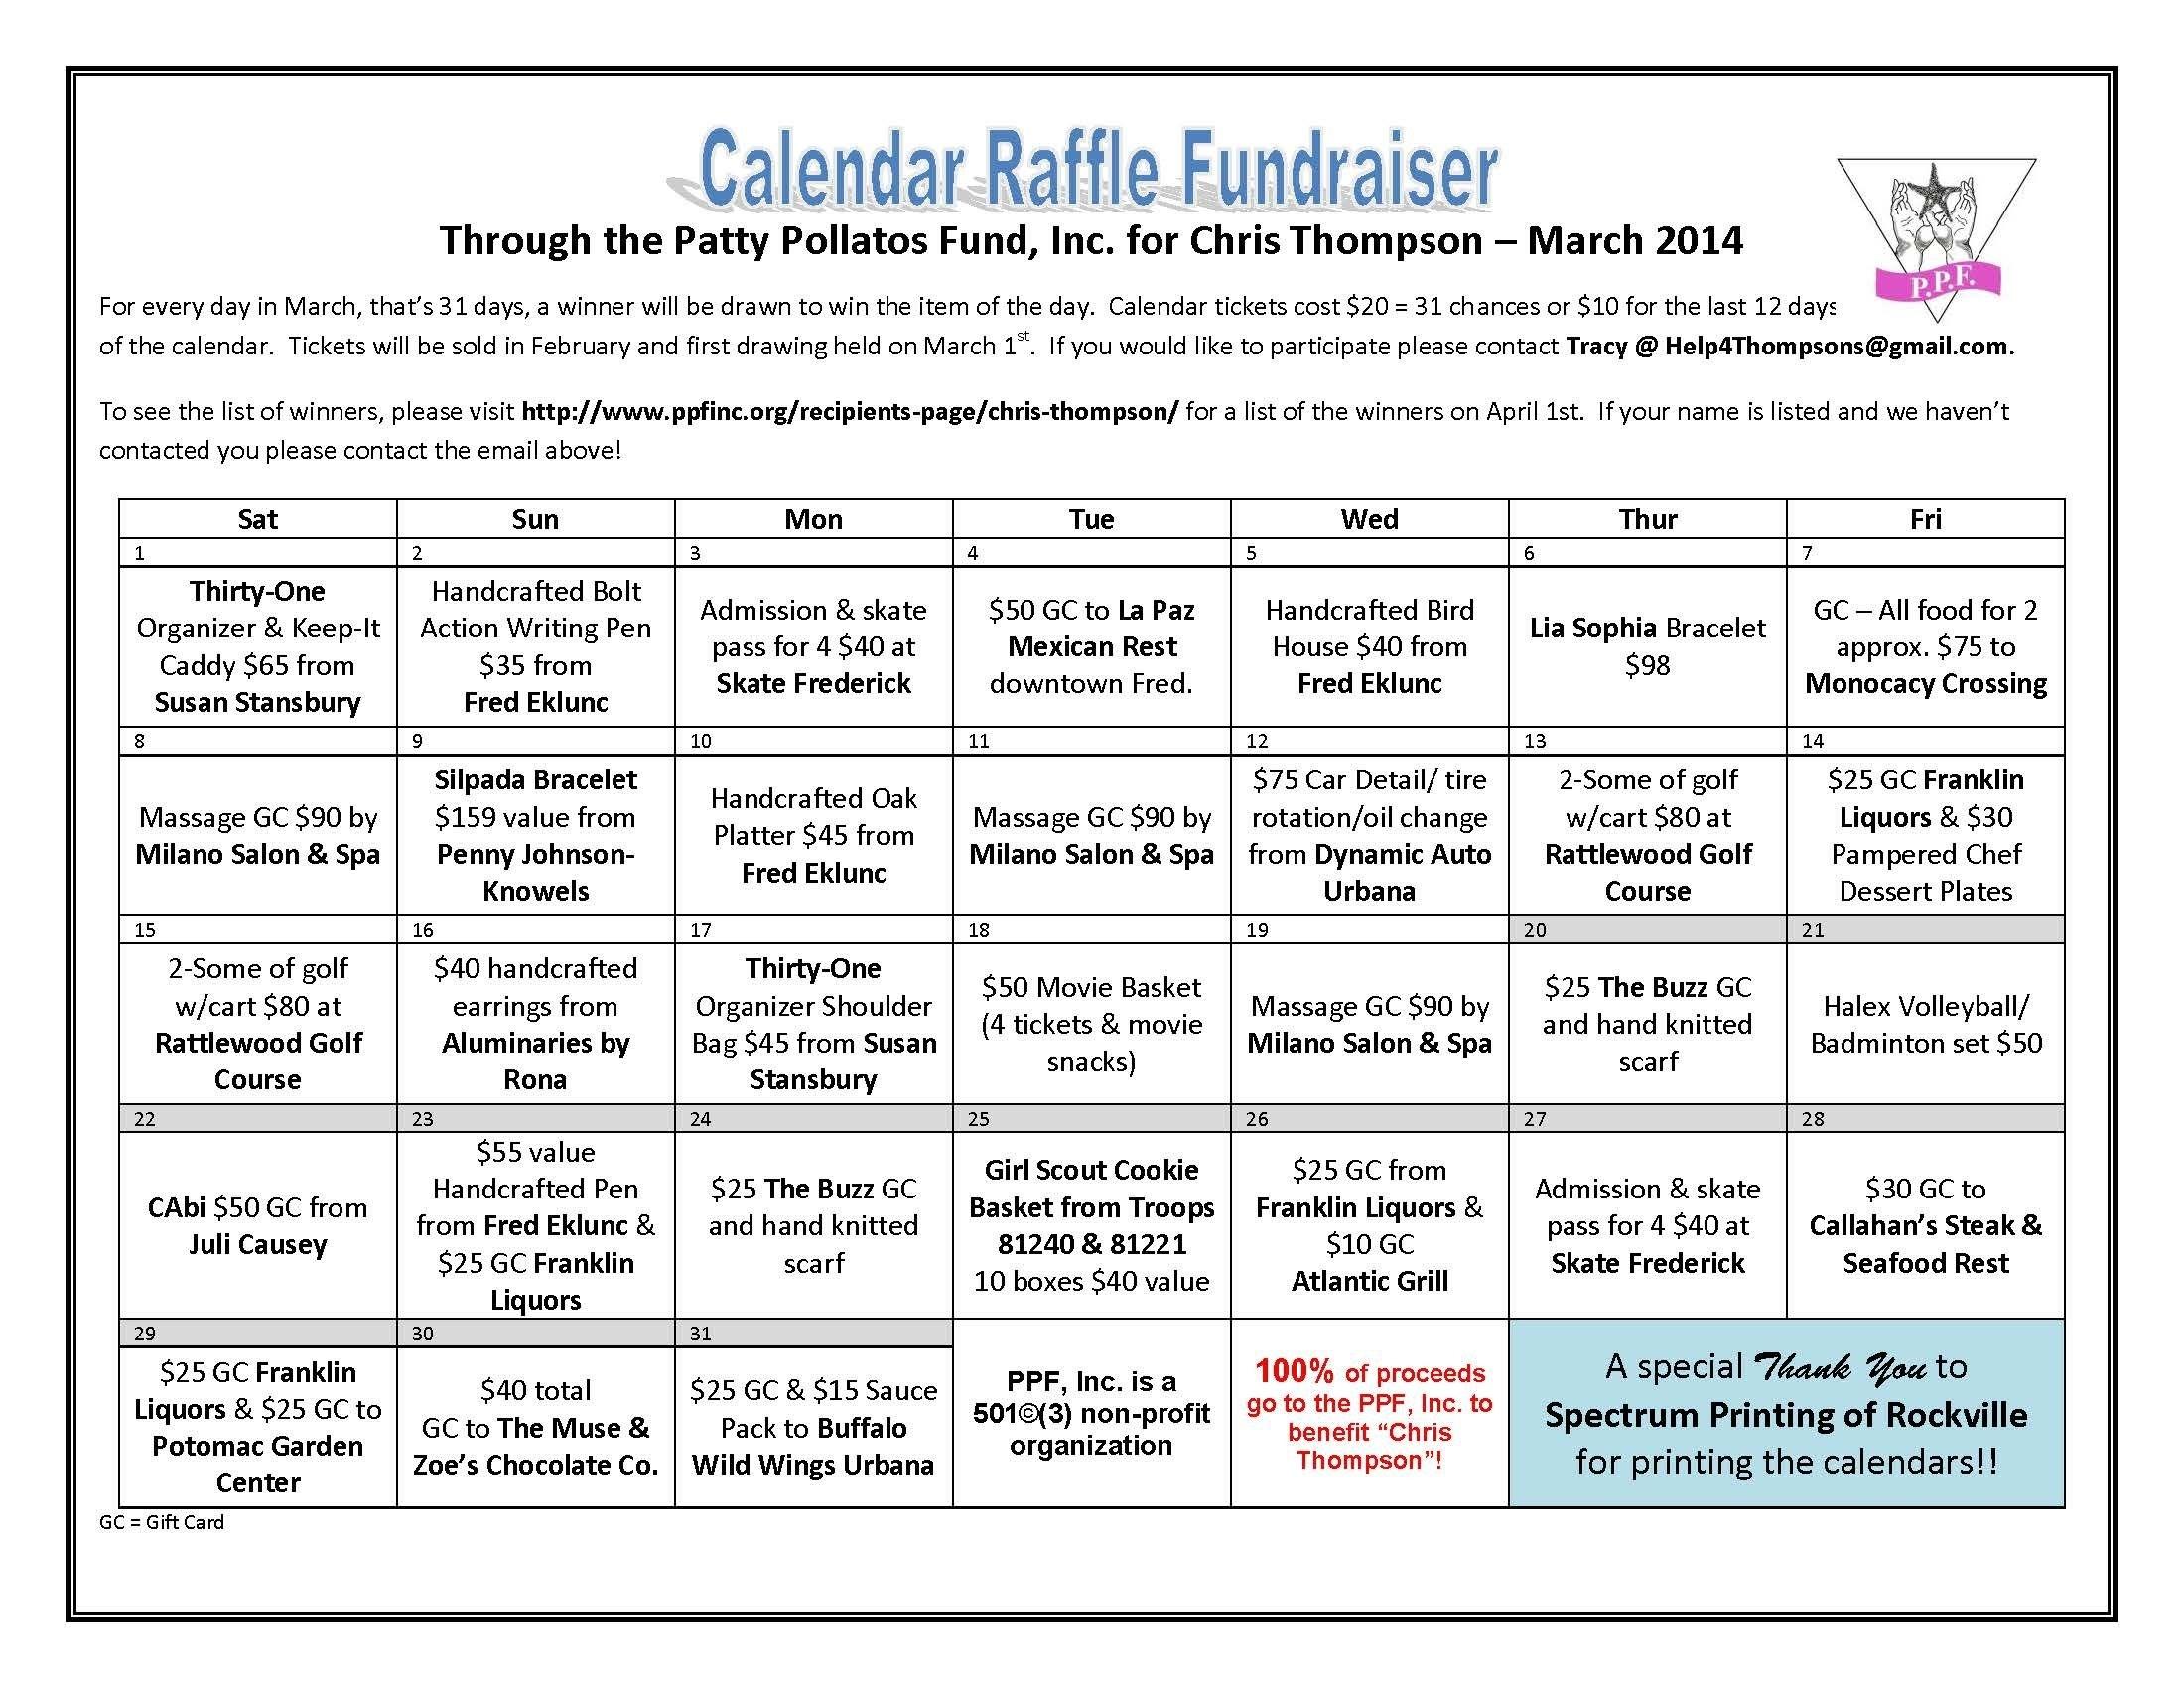 Lottery Calendar Fundraiser Editable Template